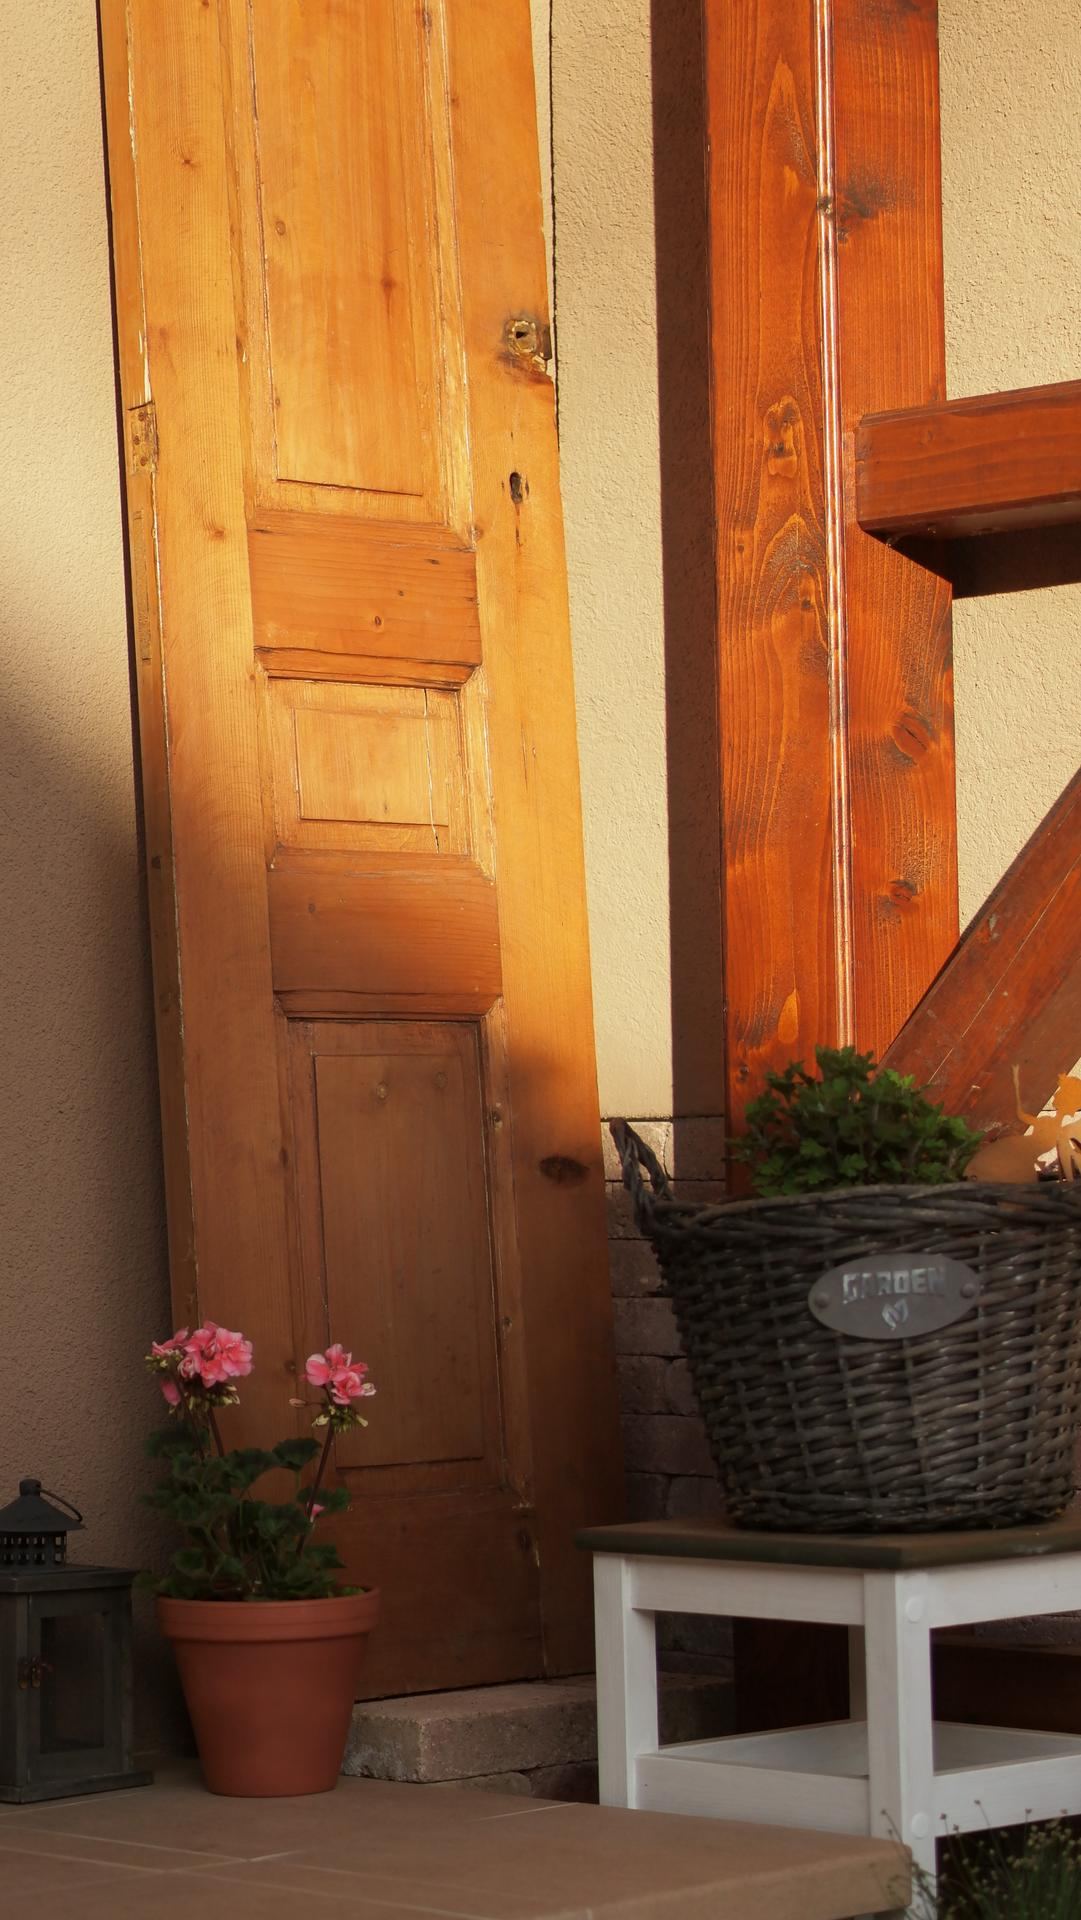 Náš domček ♡ Bramasole ♡ ... Stilo interiér aj exteriér 4. rok bývania - Obrázok č. 85